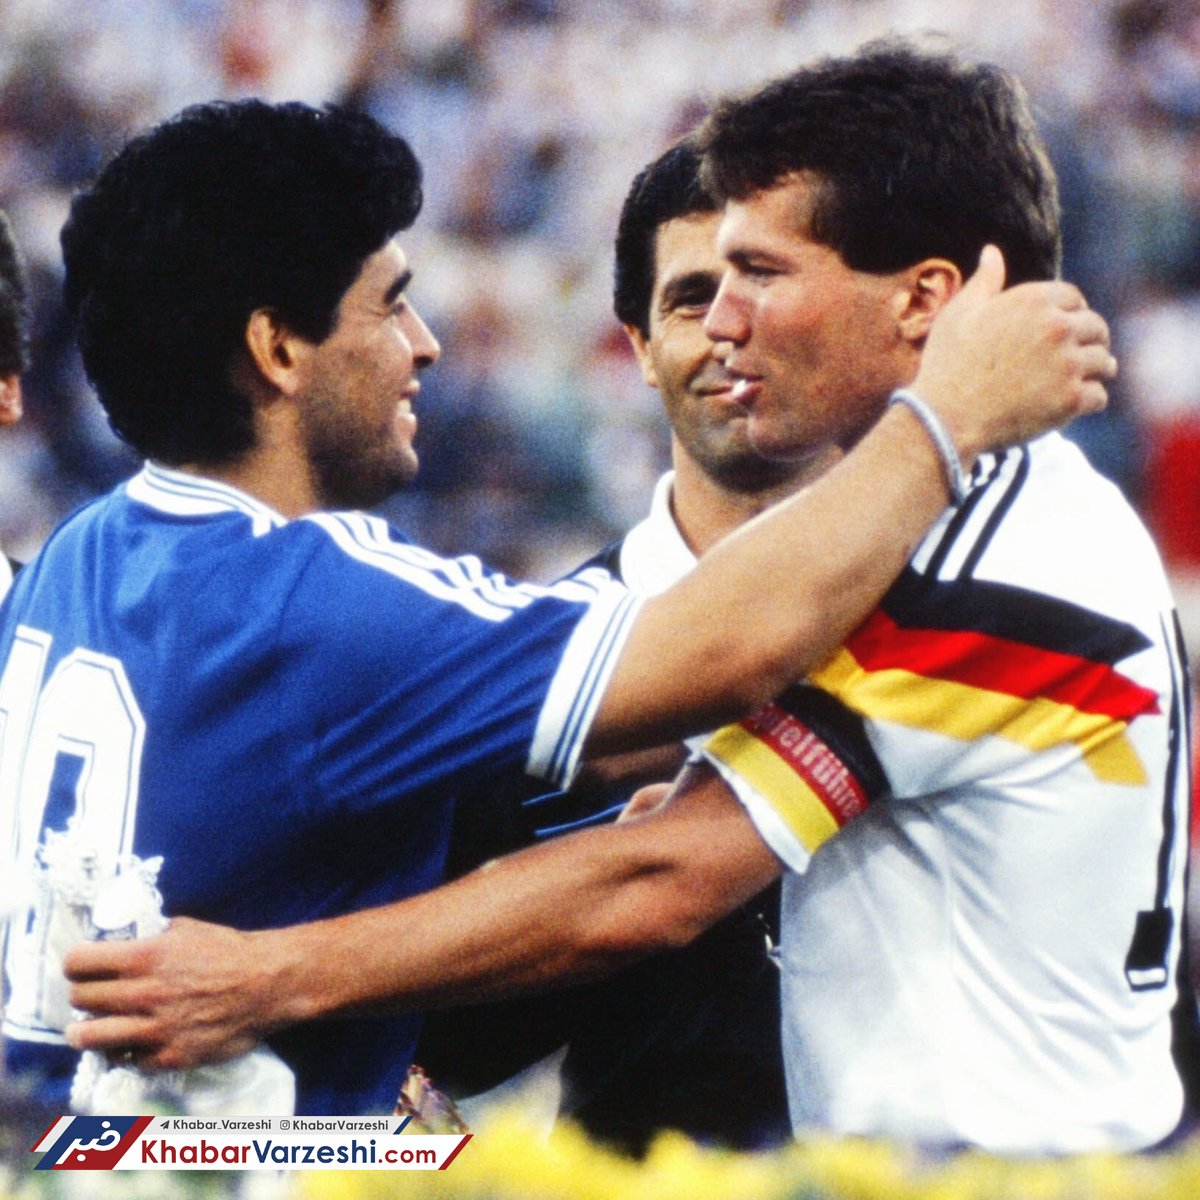 لوتار ماتئوس و دیگو مارادونا در فینال جام جهانی 1990